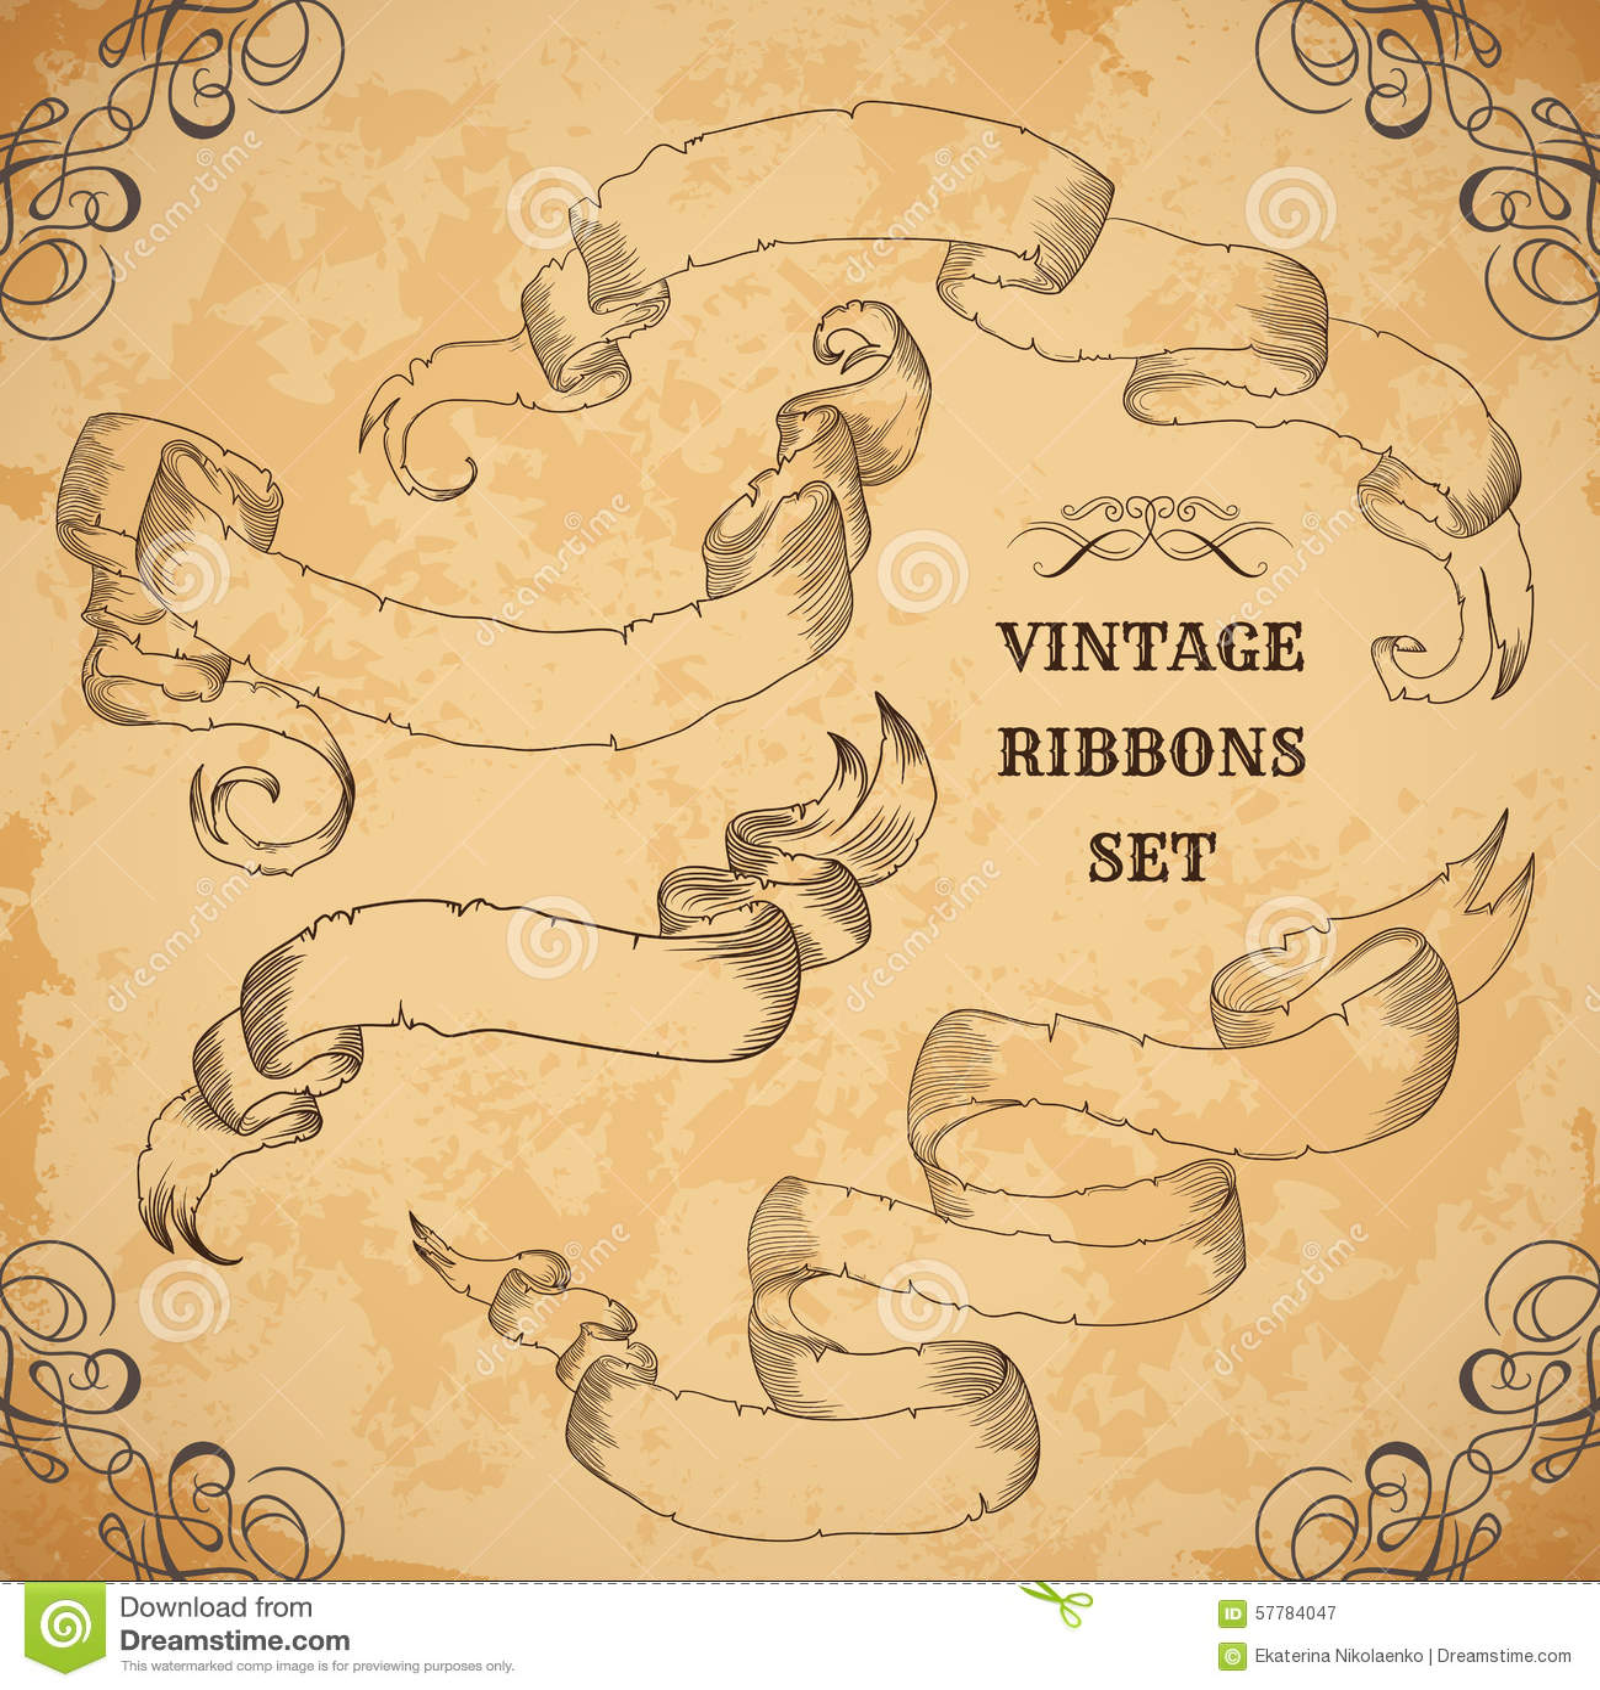 vintage ribbons set  vector illustration  engraved decorative ornate frames  victorian style